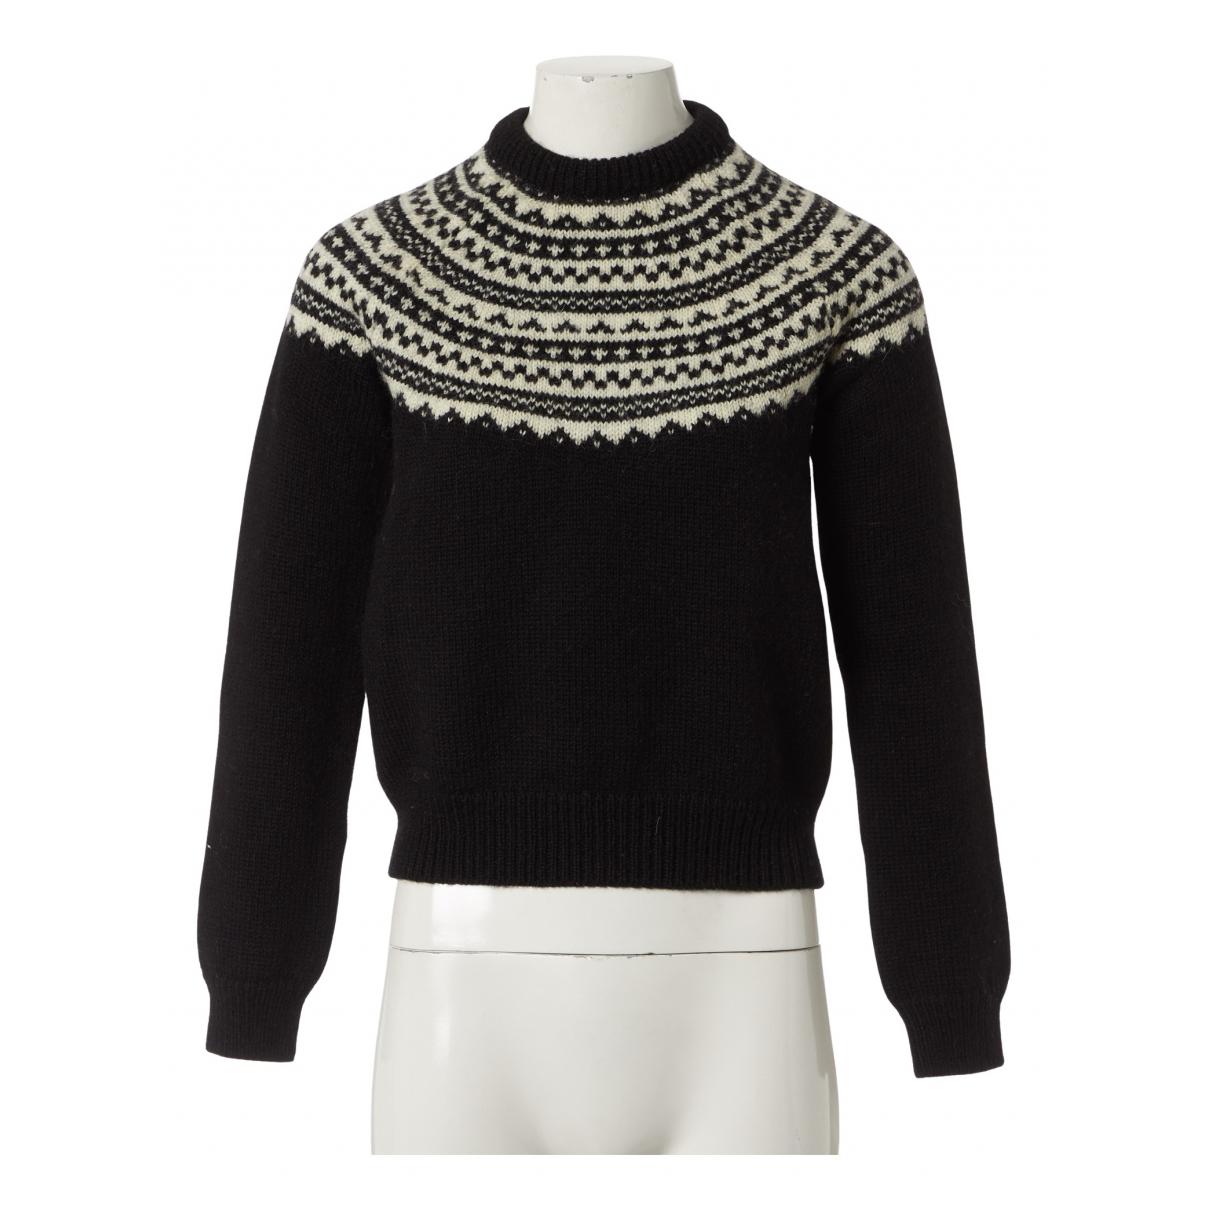 Saint Laurent N Black Wool Knitwear for Women M International